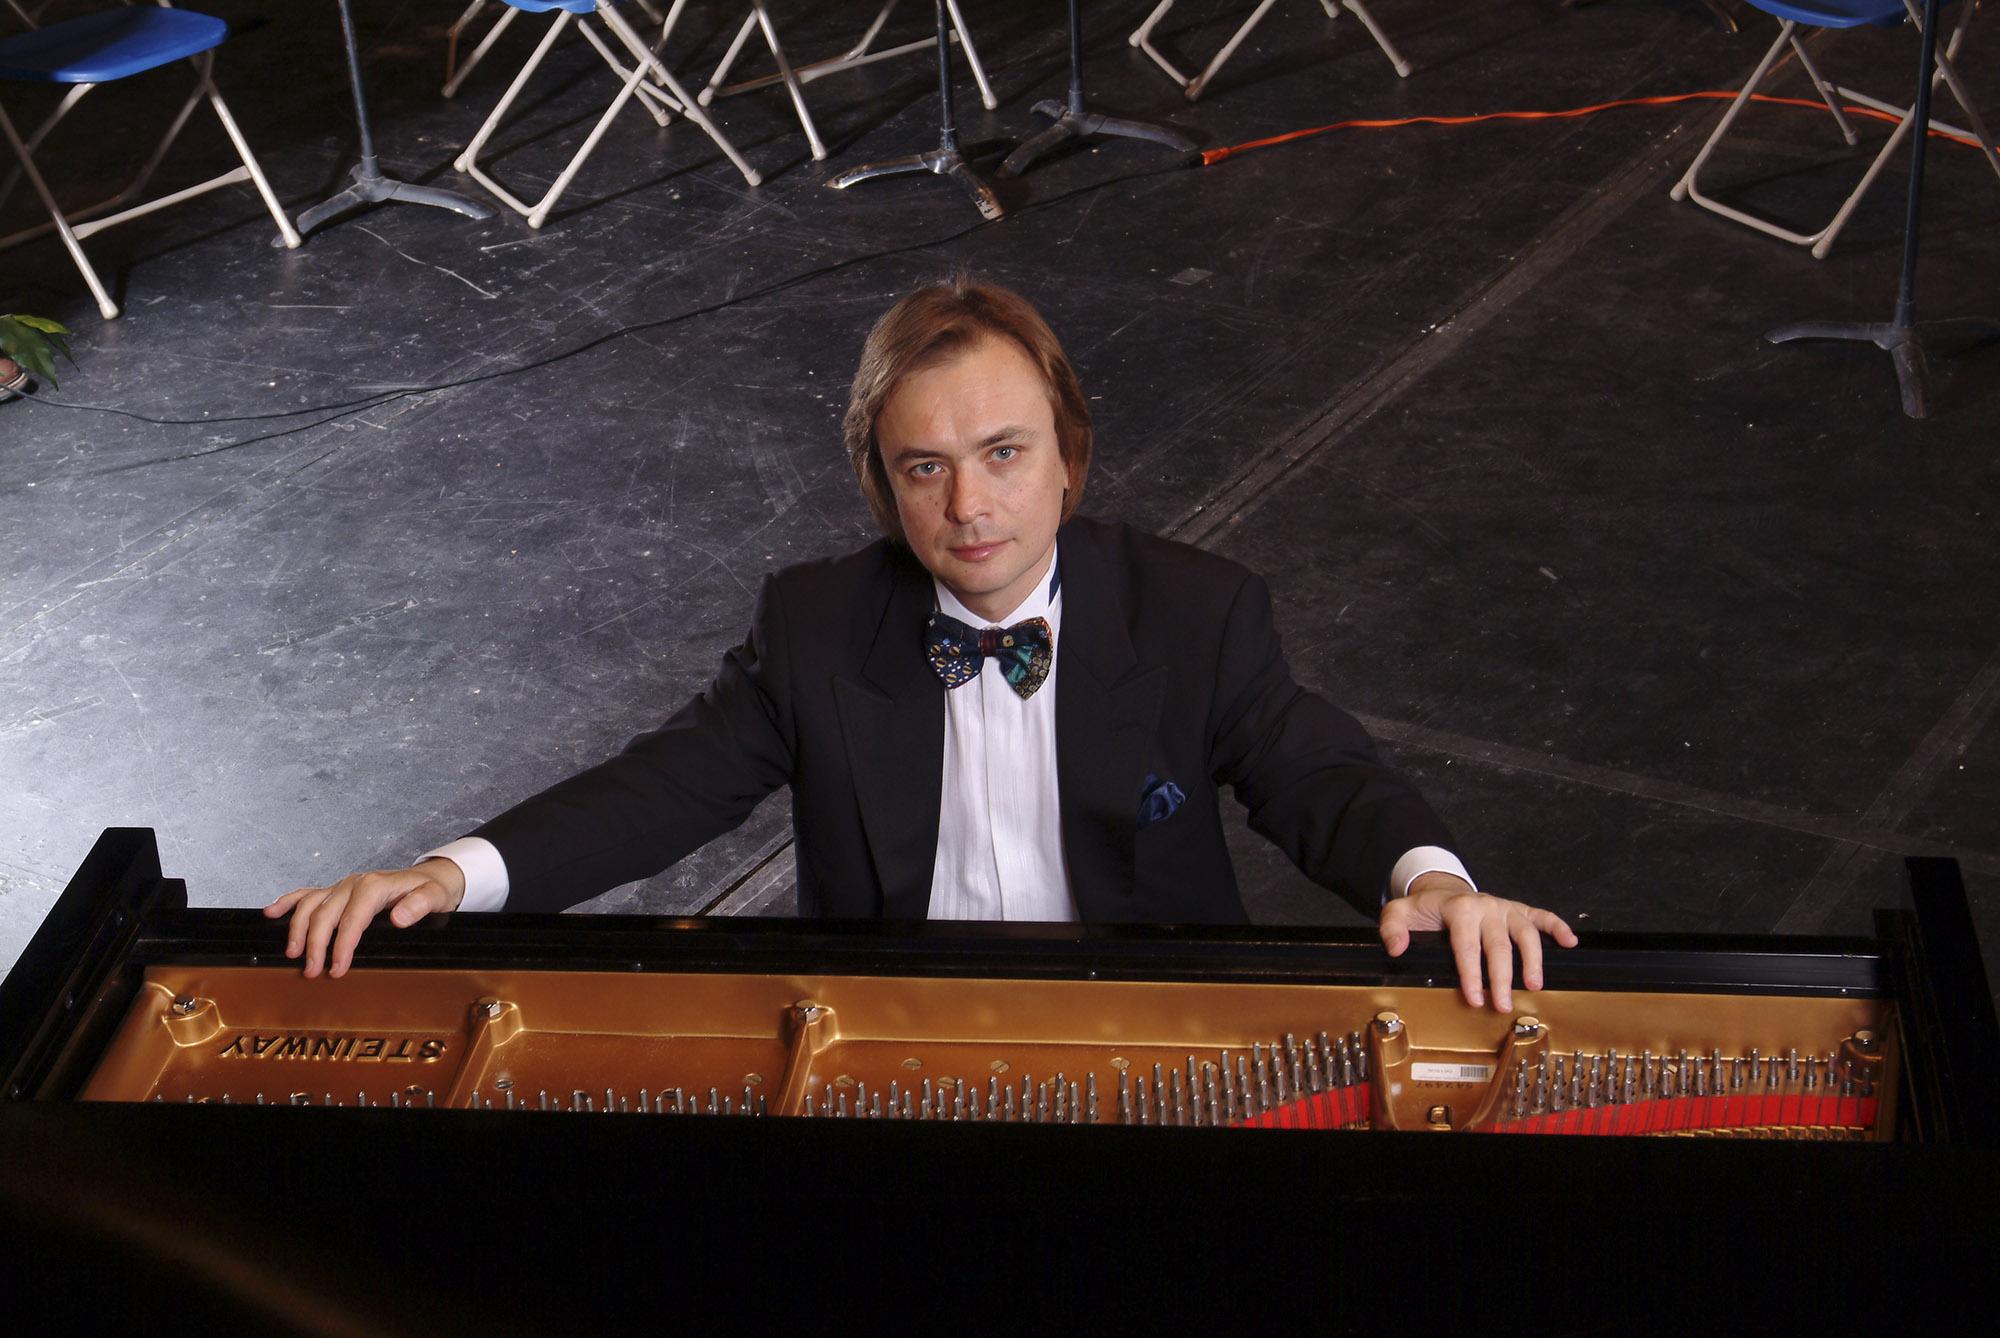 Valery Kuleshov